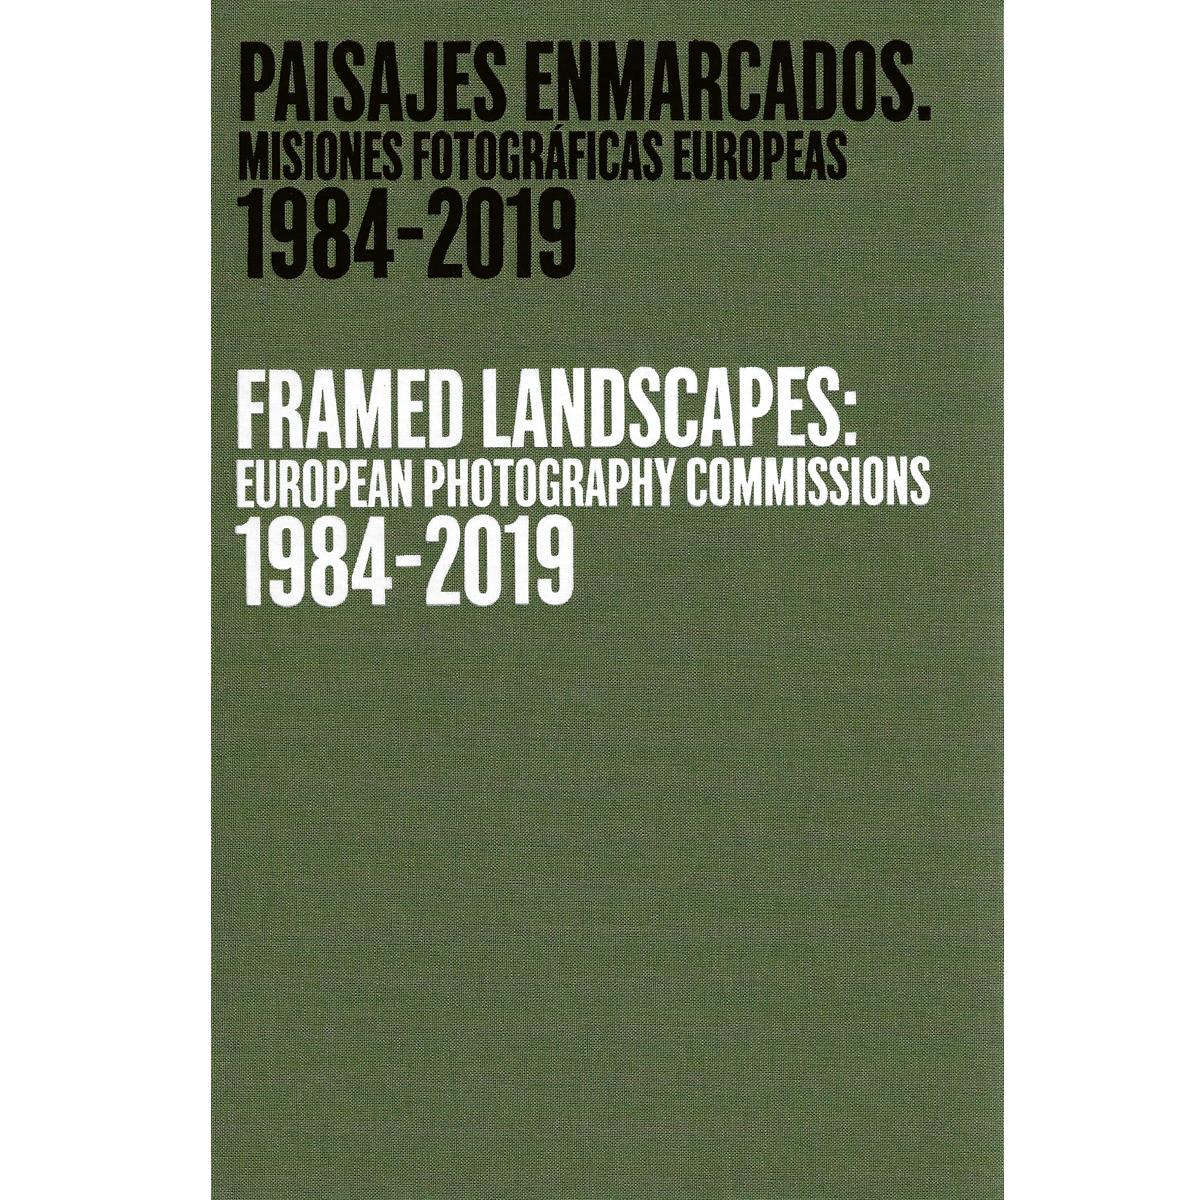 Framed Landscapes